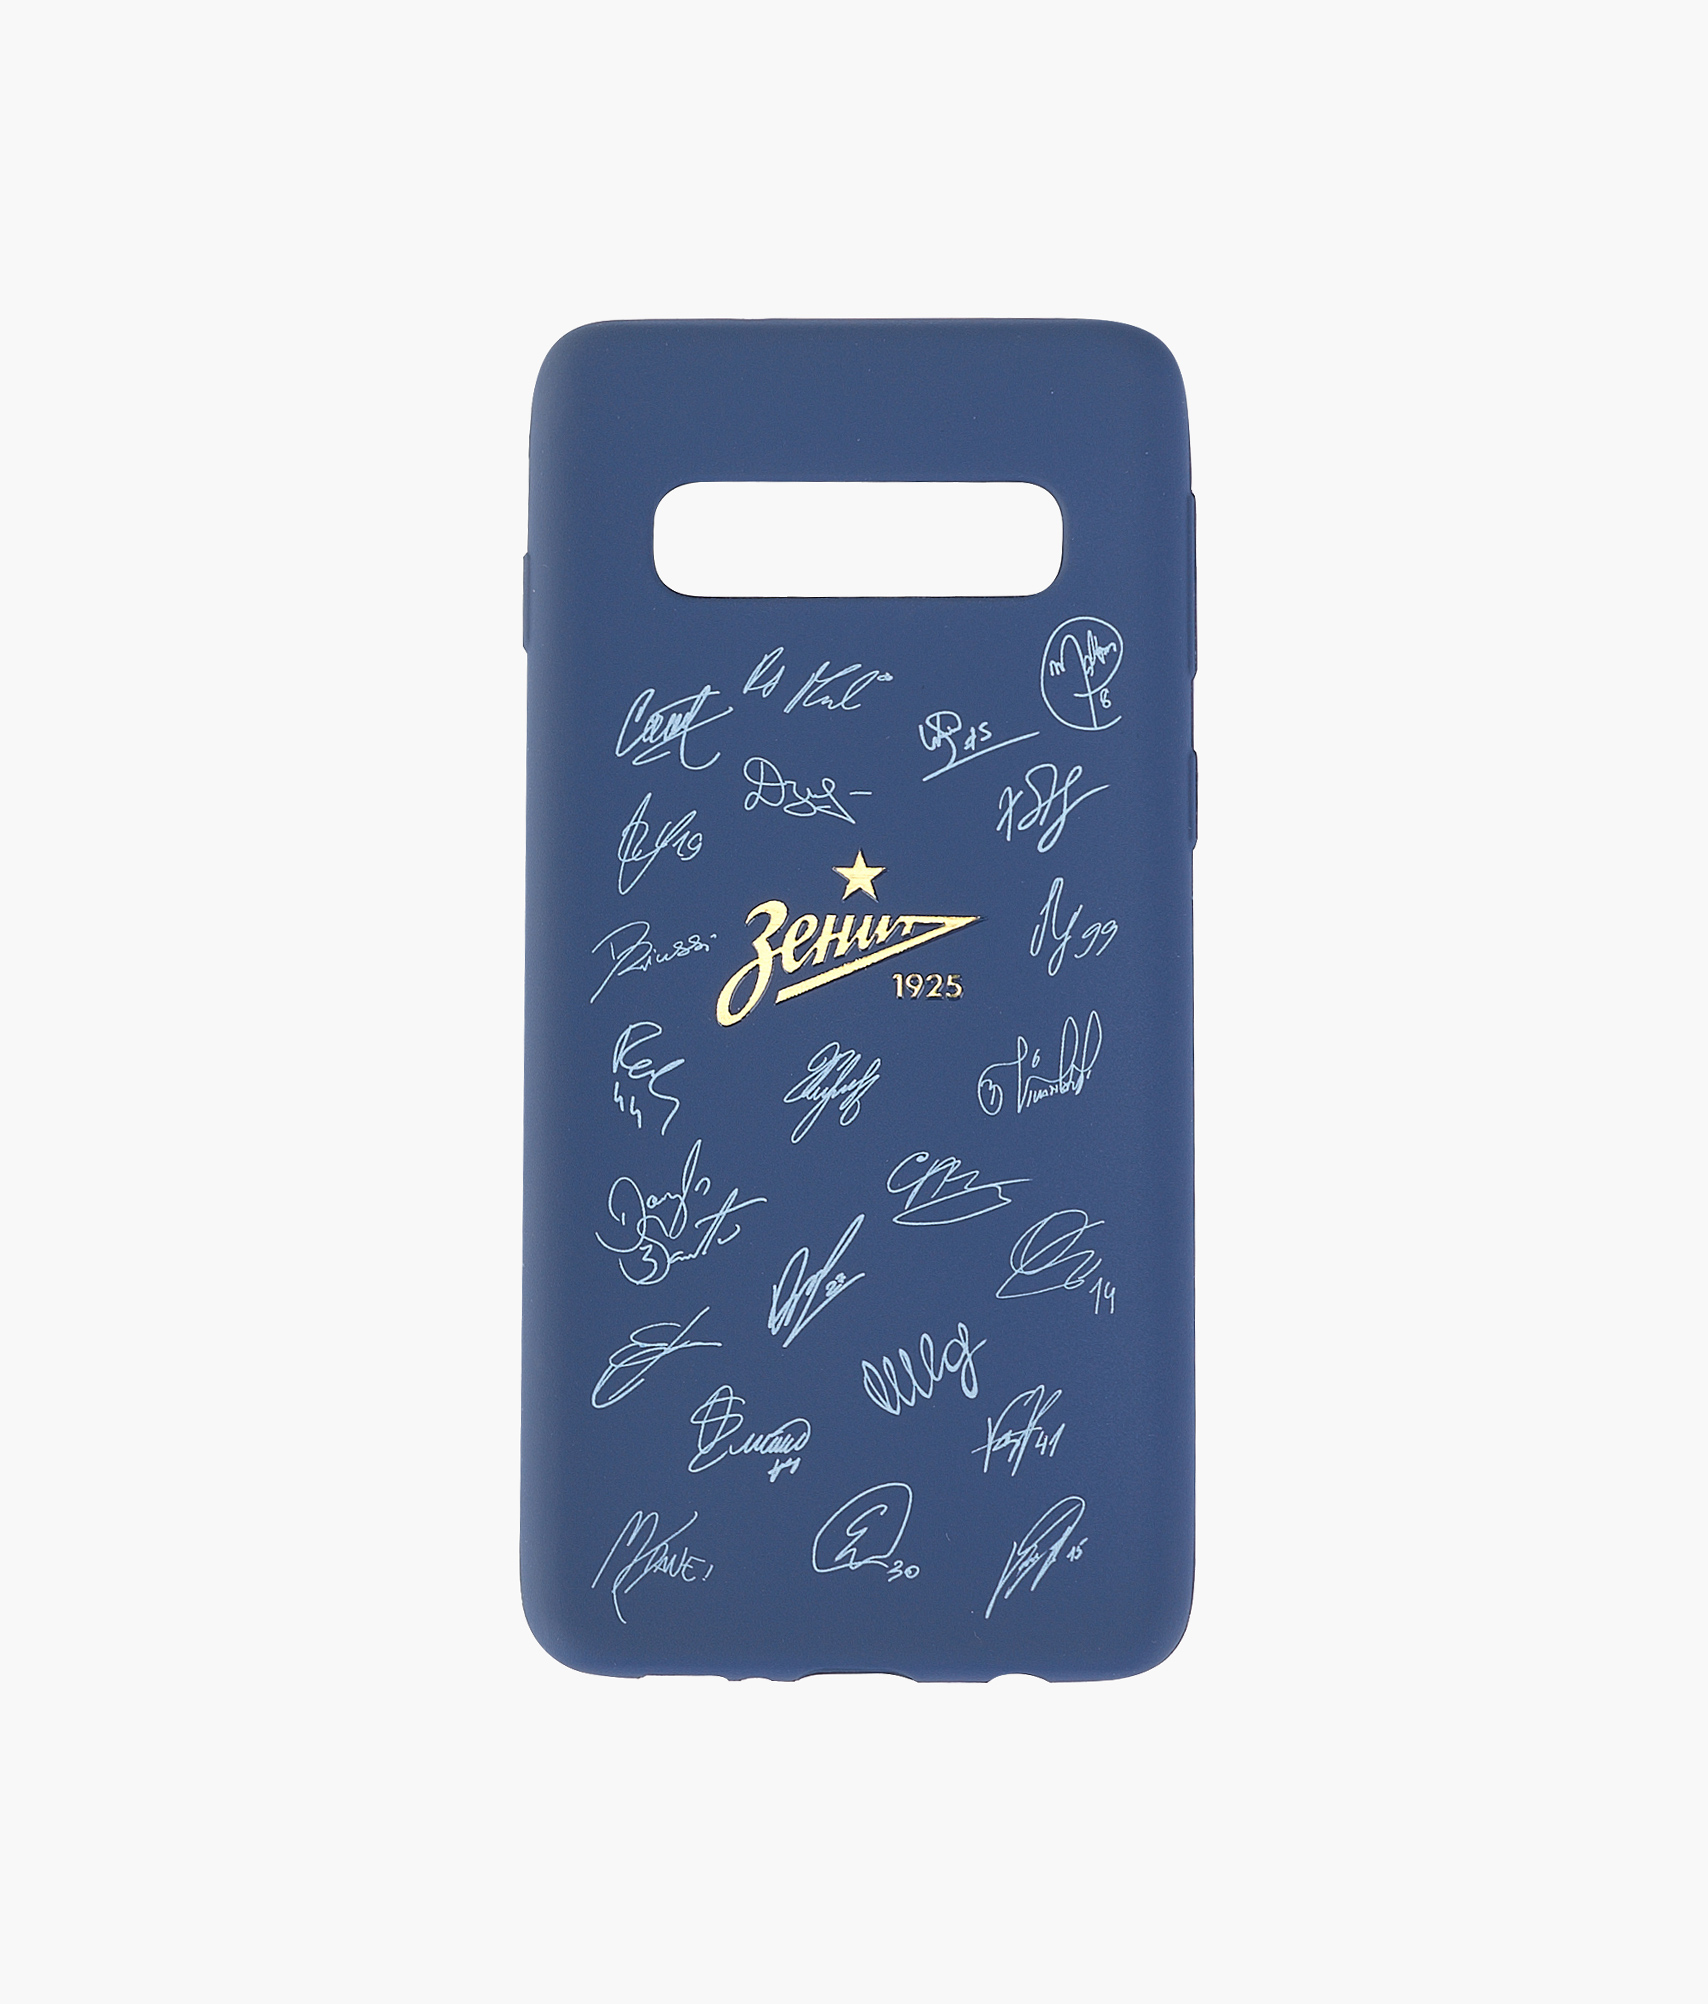 Фото - Чехол для Samsung Galaxy S10 Автографы Зенит аксессуар чехол neypo для samsung galaxy a10 2019 soft matte silicone dark blue nst11681